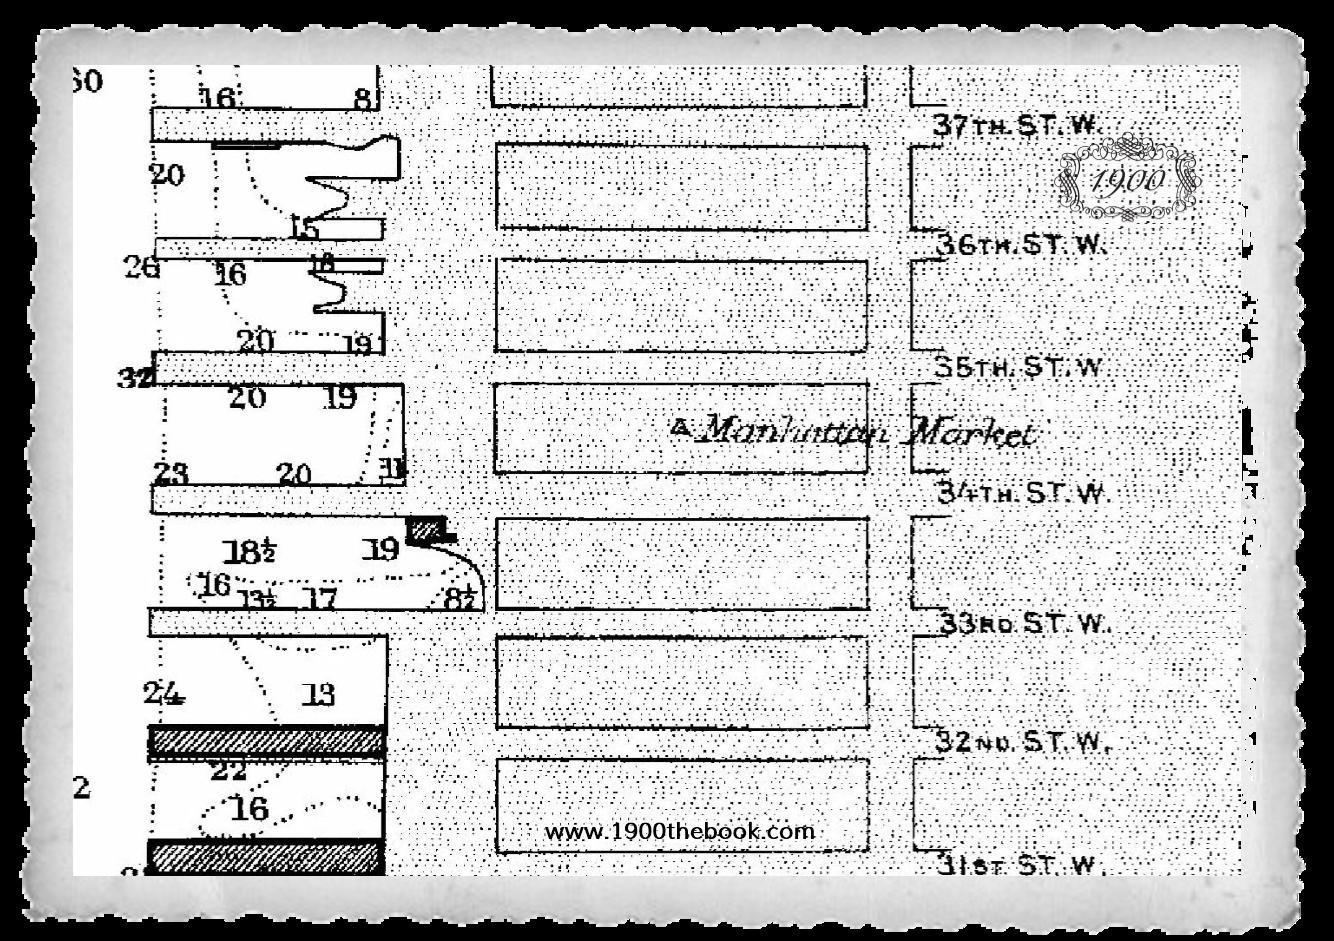 """Το """"ΜΙΑΟΥΛΗΣ"""" αγκυροβόλησε στην αποβάθρα που βρίσκεται μπροστά από τον 35ο δρόμο της Νέας Υόρκης. (Μέρος ιστορικου χάρτη Νέας Υόρκης 1900)"""